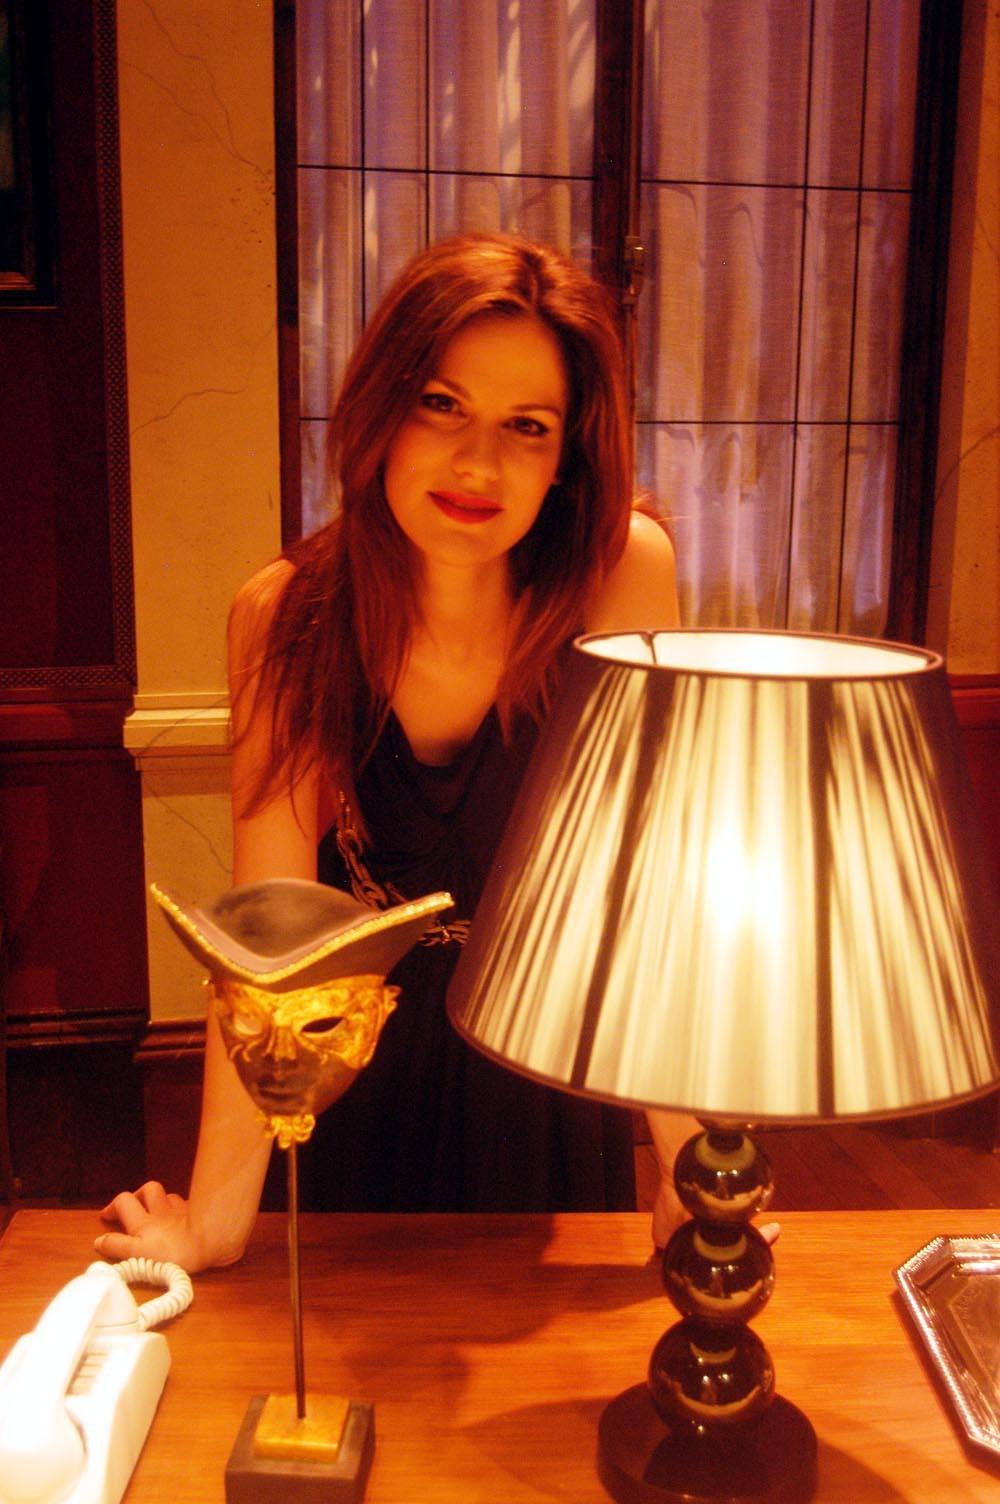 Fotos De Lidia San José Desnuda Página 4 Fotos De Famosastk